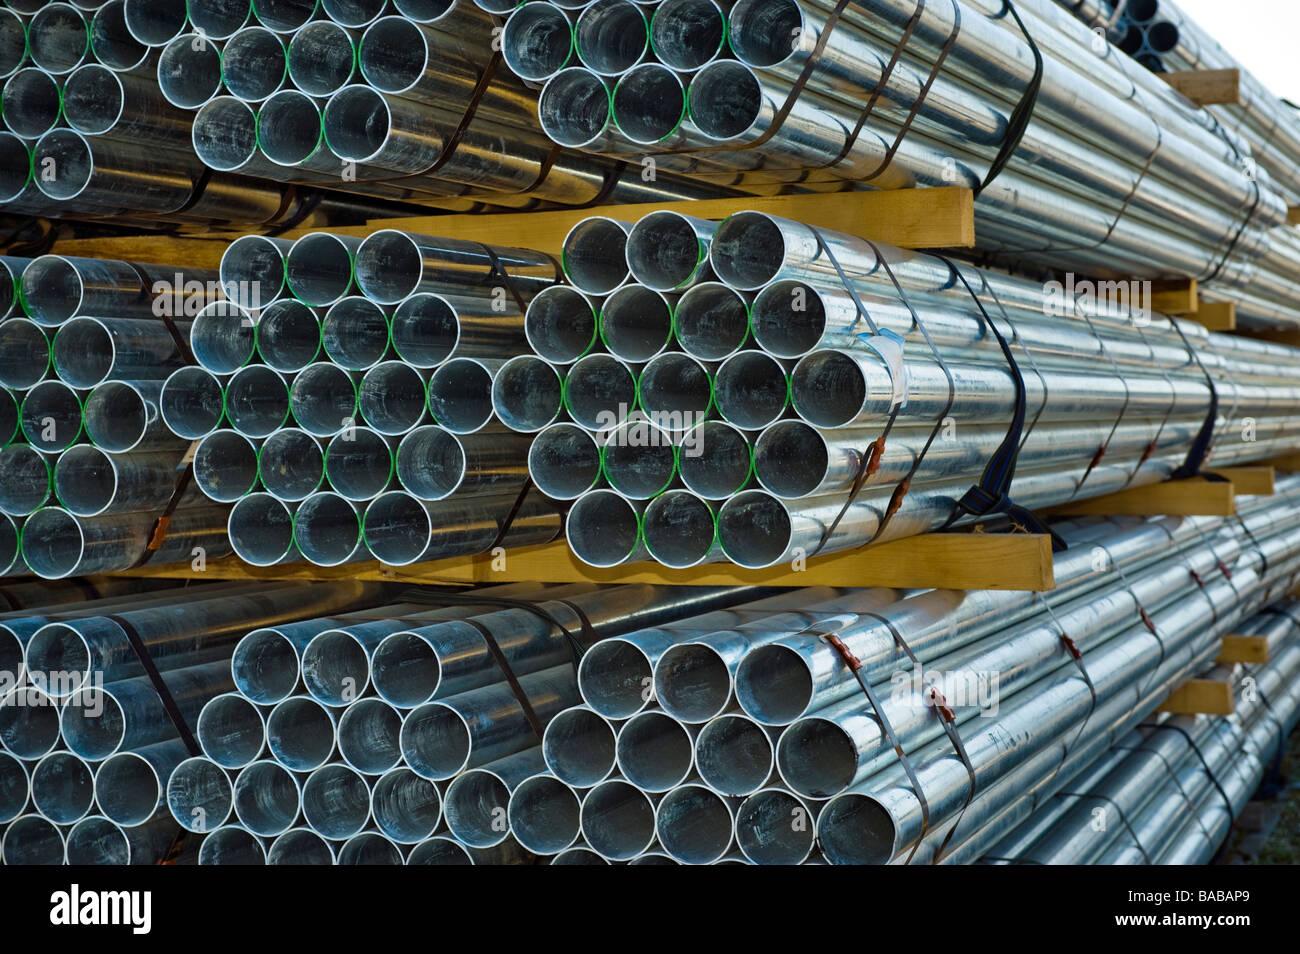 Fontanería tuberías de hierro tubo tubo de acero tubos de conductos en molino longitudes vender almacenamiento Imagen De Stock